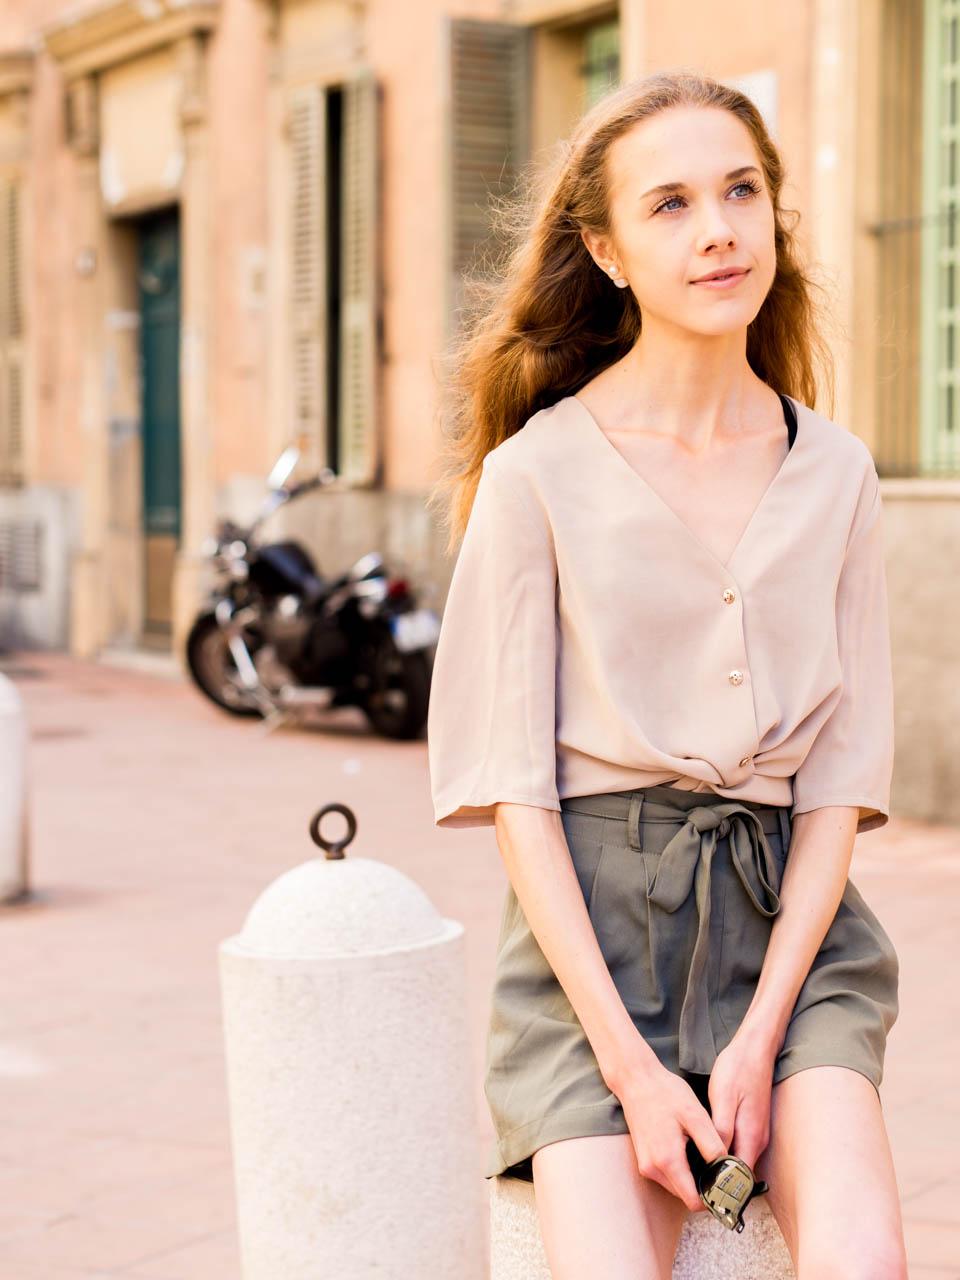 loneliness-and-summer-holiday-outfit-in-neutral-shades-yksinäisyys-kokemuksia-kesäasu-inspiraatio